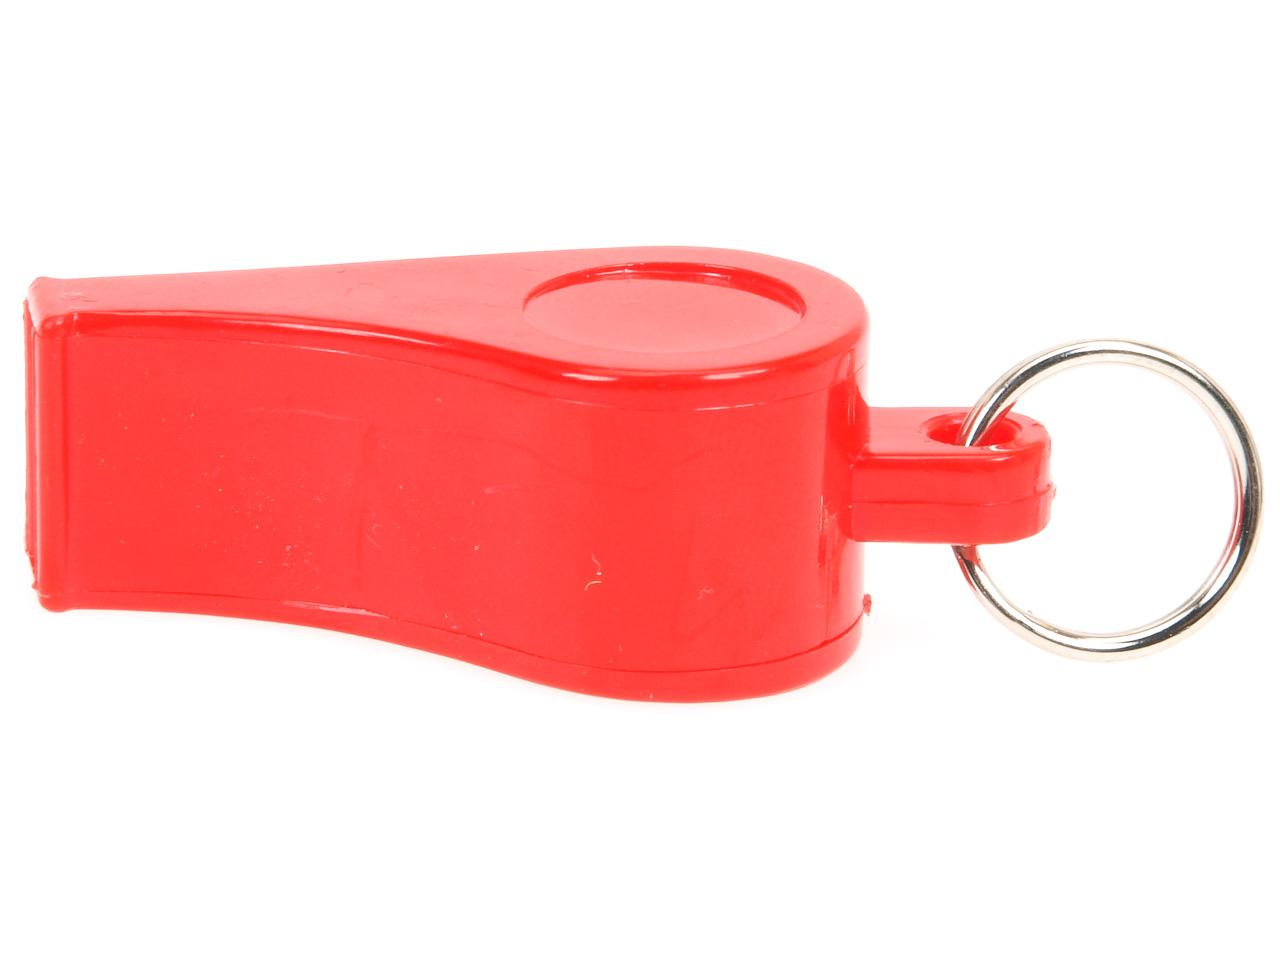 Fischietto-Arbitro-Tremblay-Fischietto-Plastica-Rosso-Rosso-80012-Nuovo miniatura 3